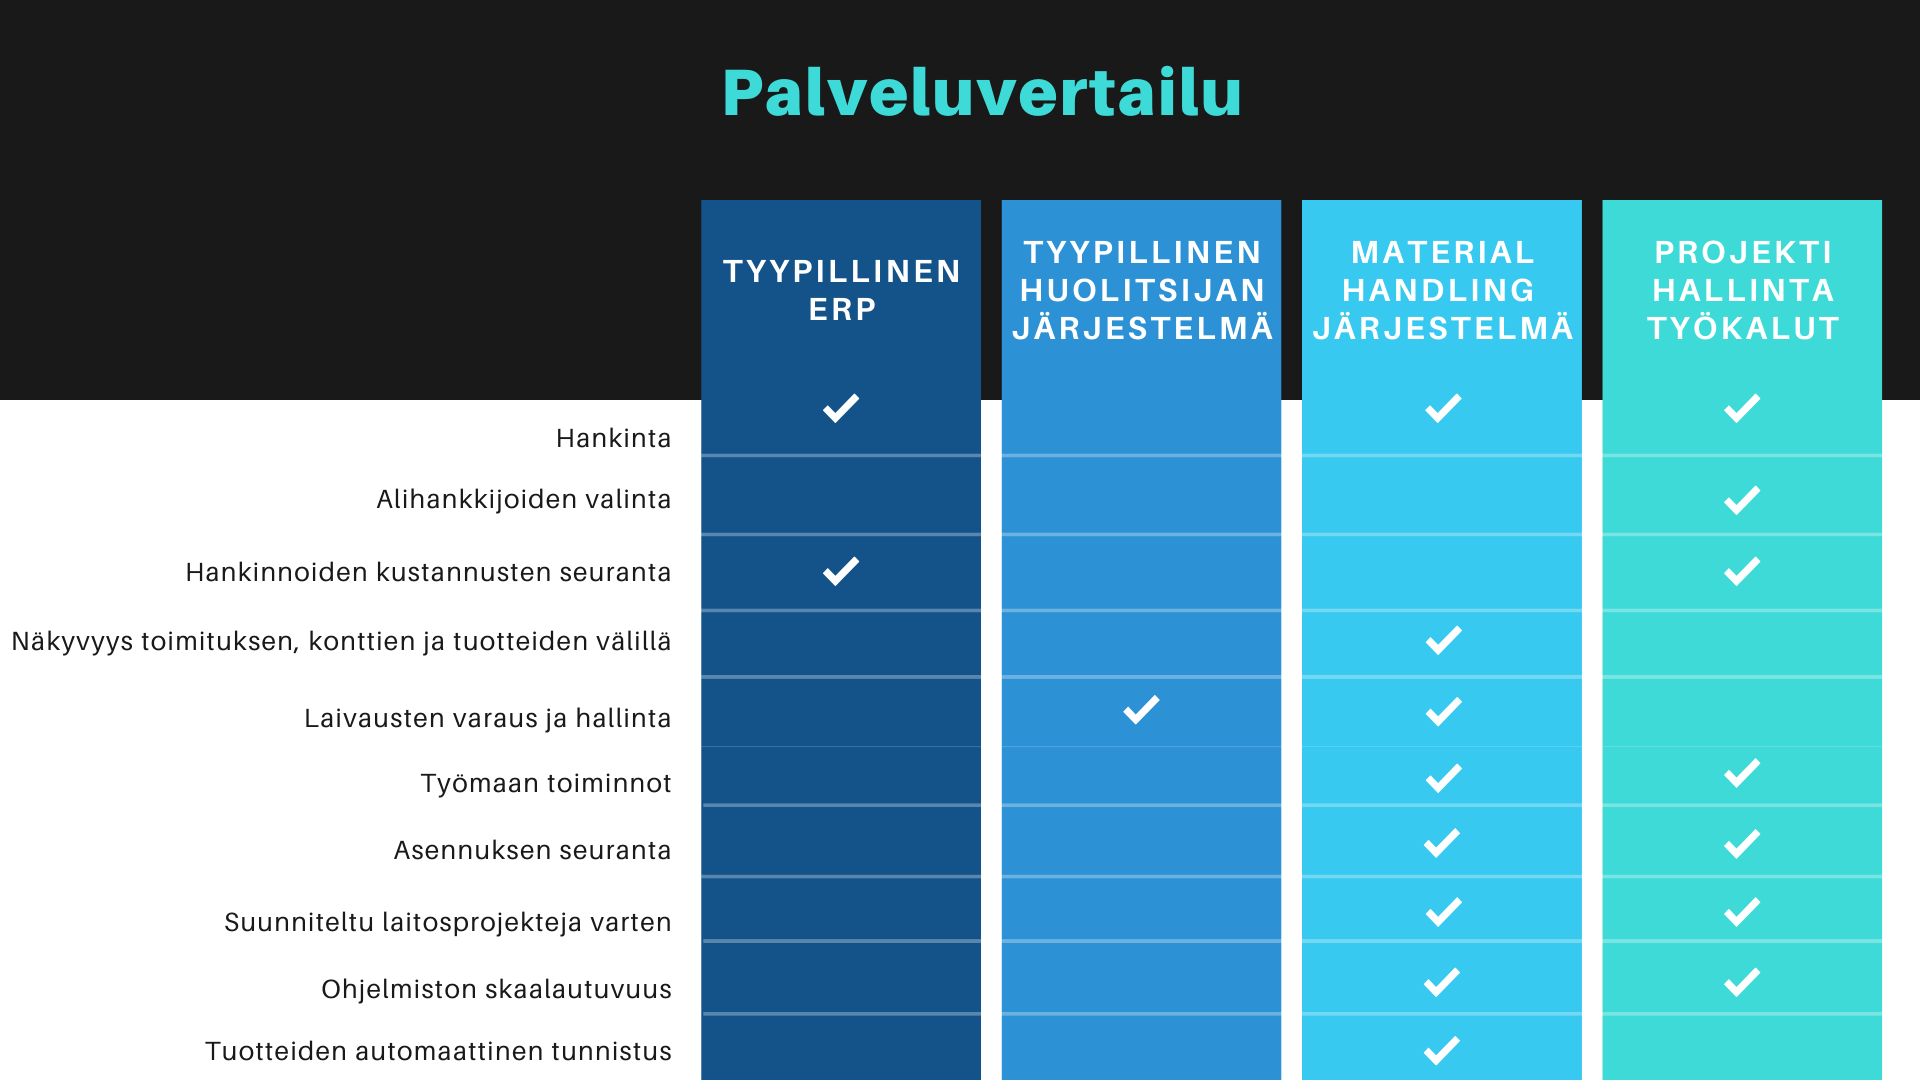 Materiaalivirtojen hallinta rakennustyömaille- palveluntarjoajien vertailu